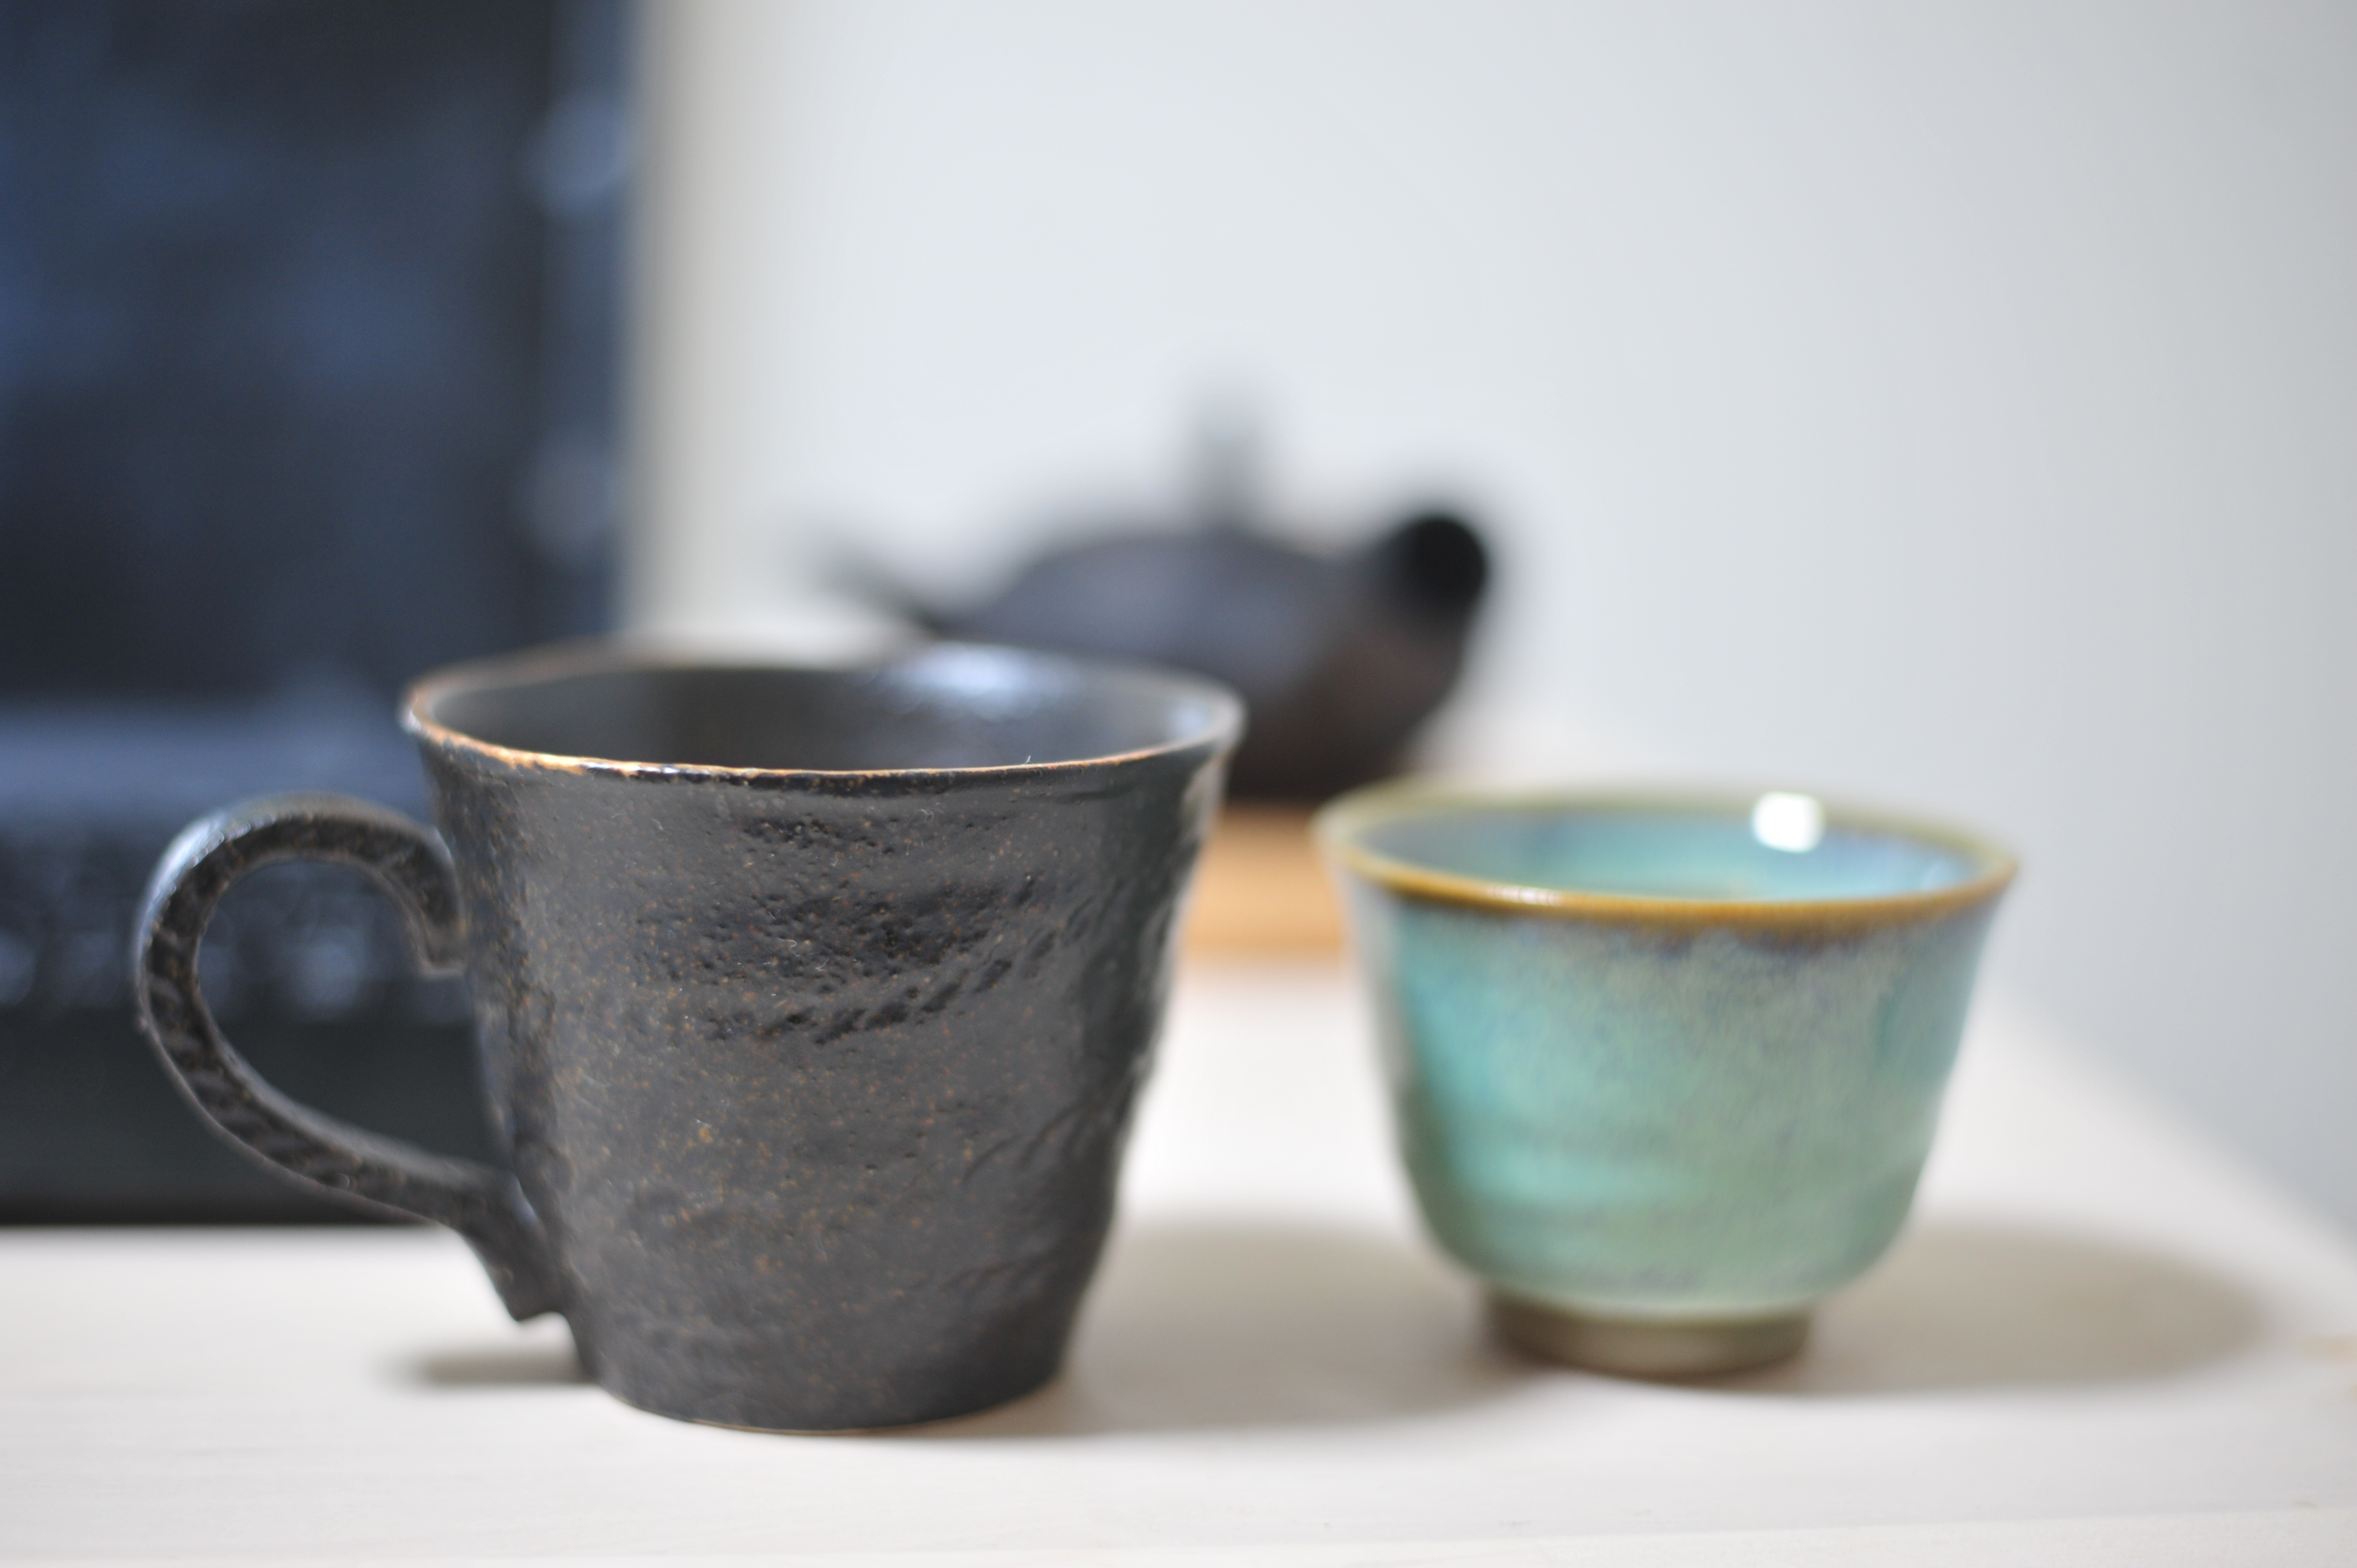 ドリンクやコーヒーを飲む時の器、何使ってる?